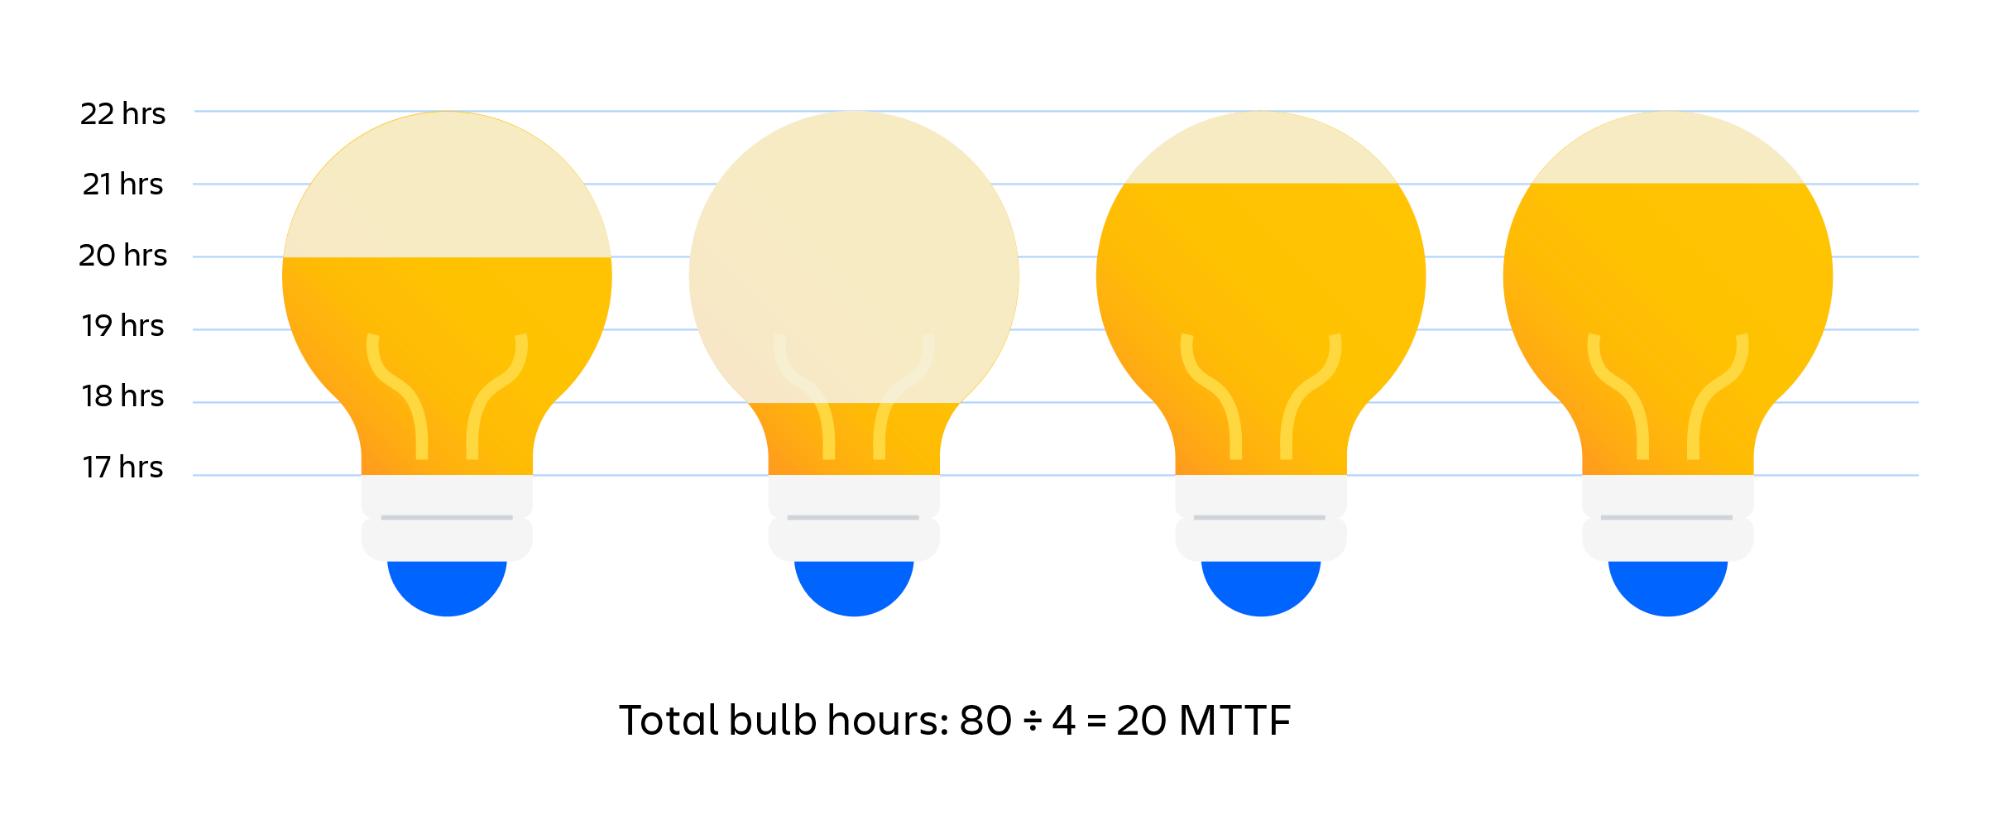 Exemplo visual do cálculo do MTTF de lâmpadas. O total de horas acesas das lâmpadas dividido pelo número de lâmpadas é igual ao MTTF (tempo médio sem falhas)